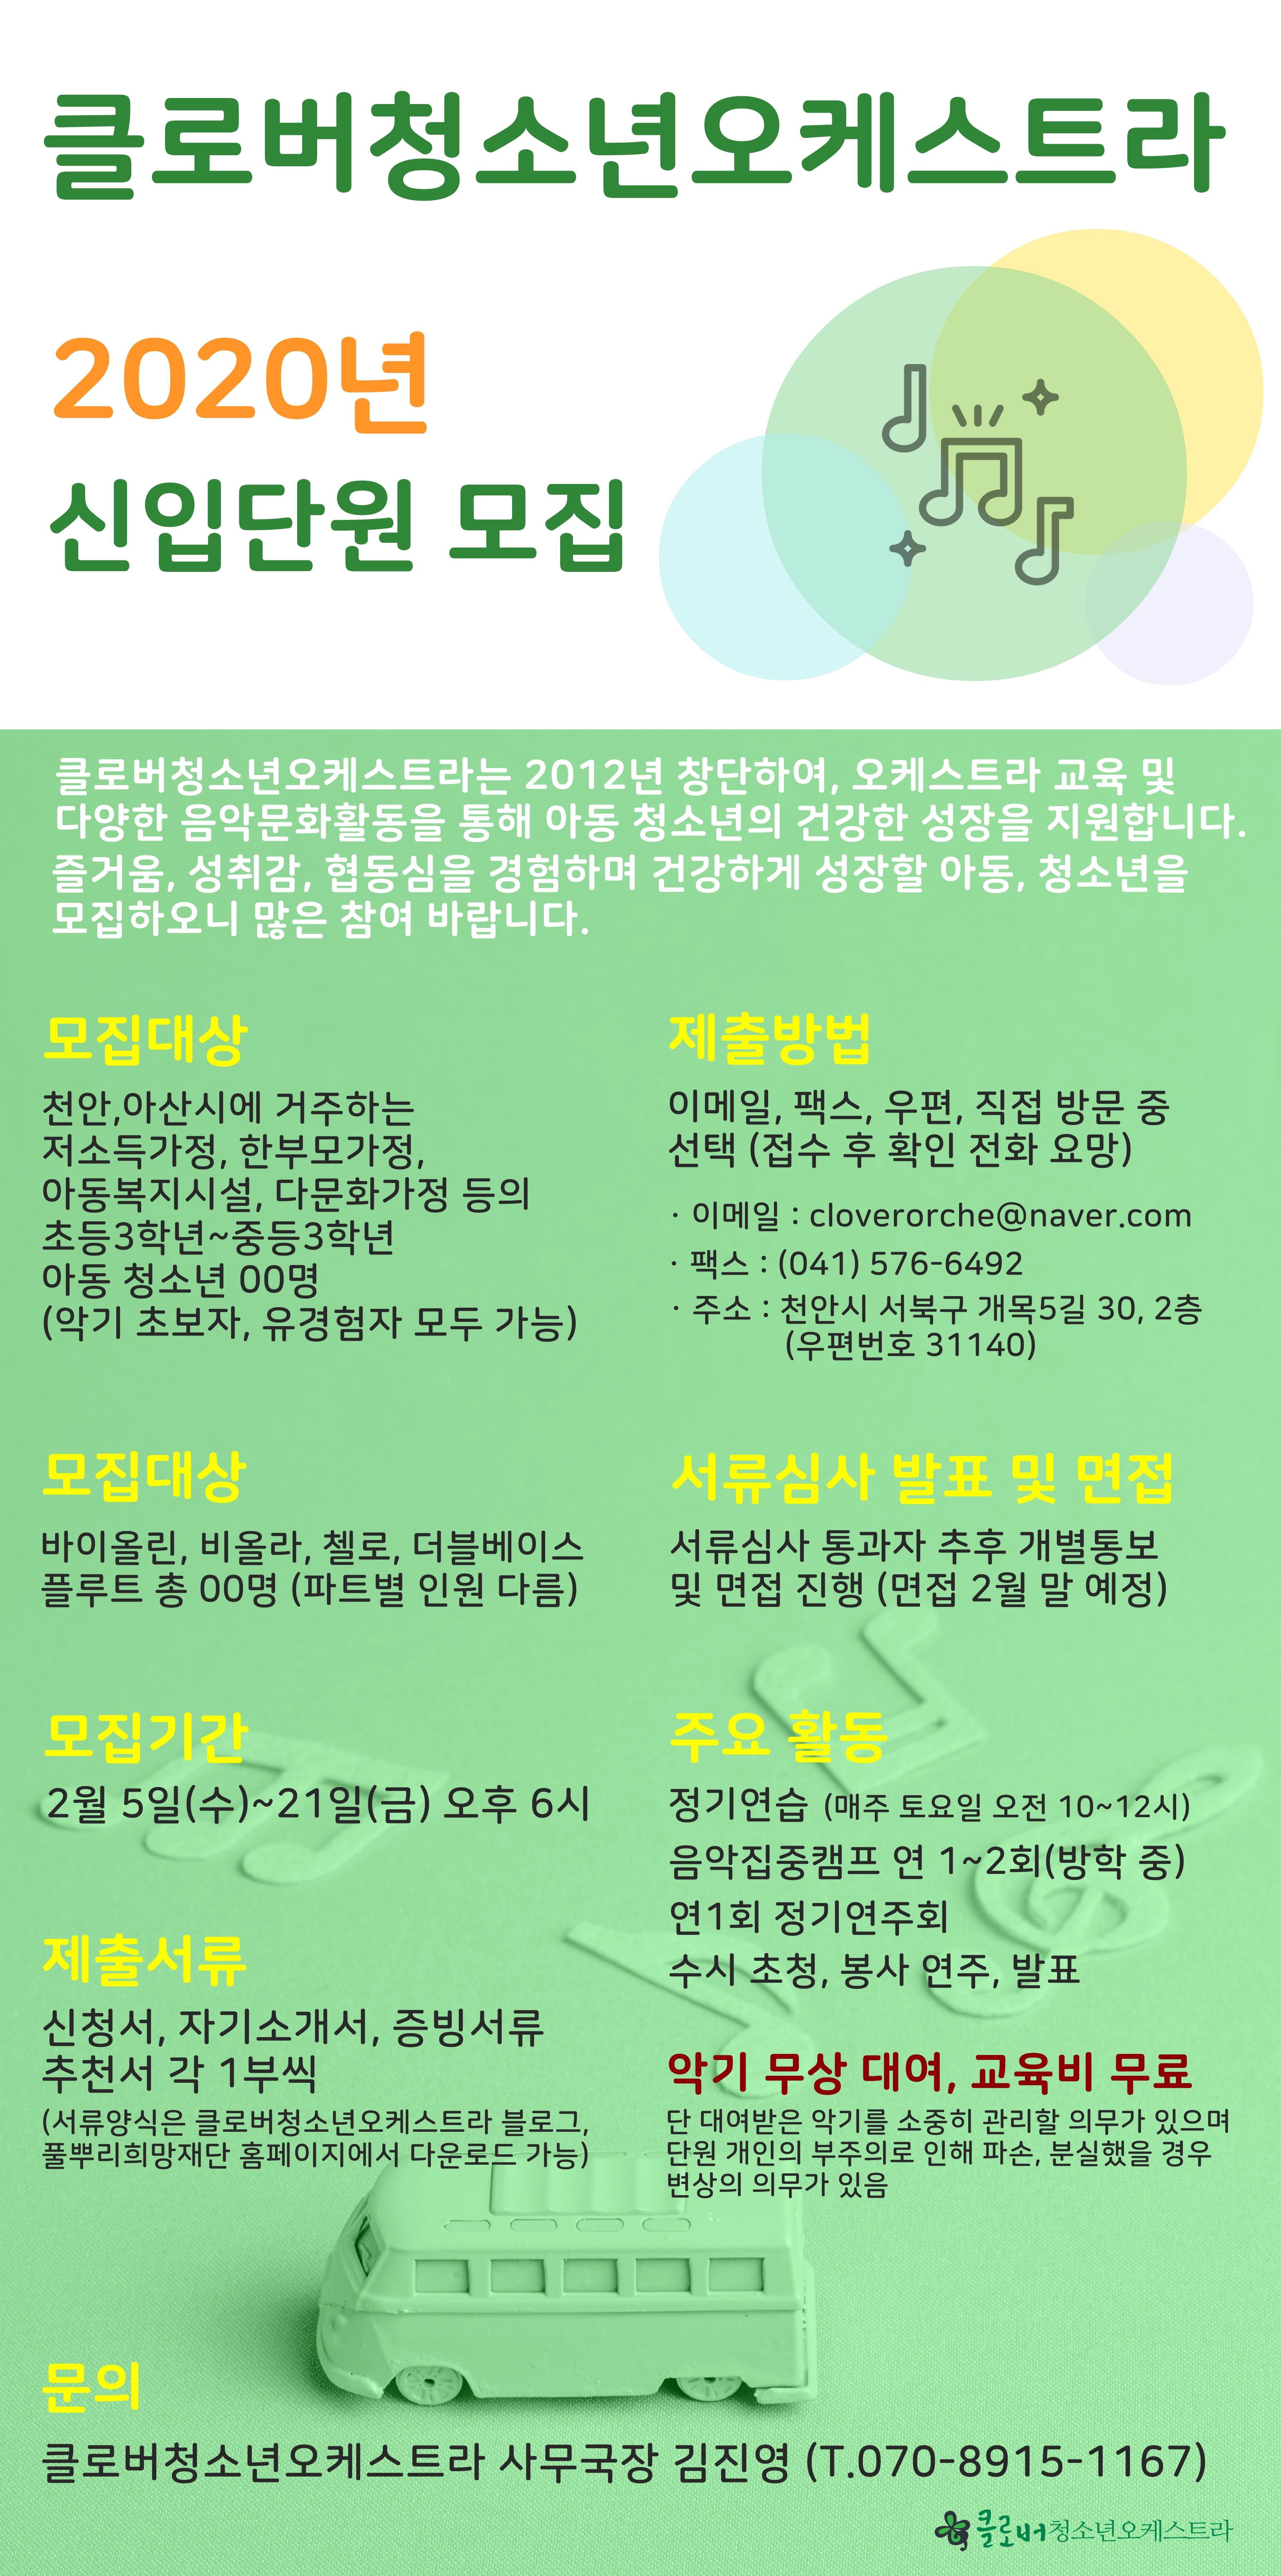 2020 클로버 신입단원 모집 웹포스터.jpg